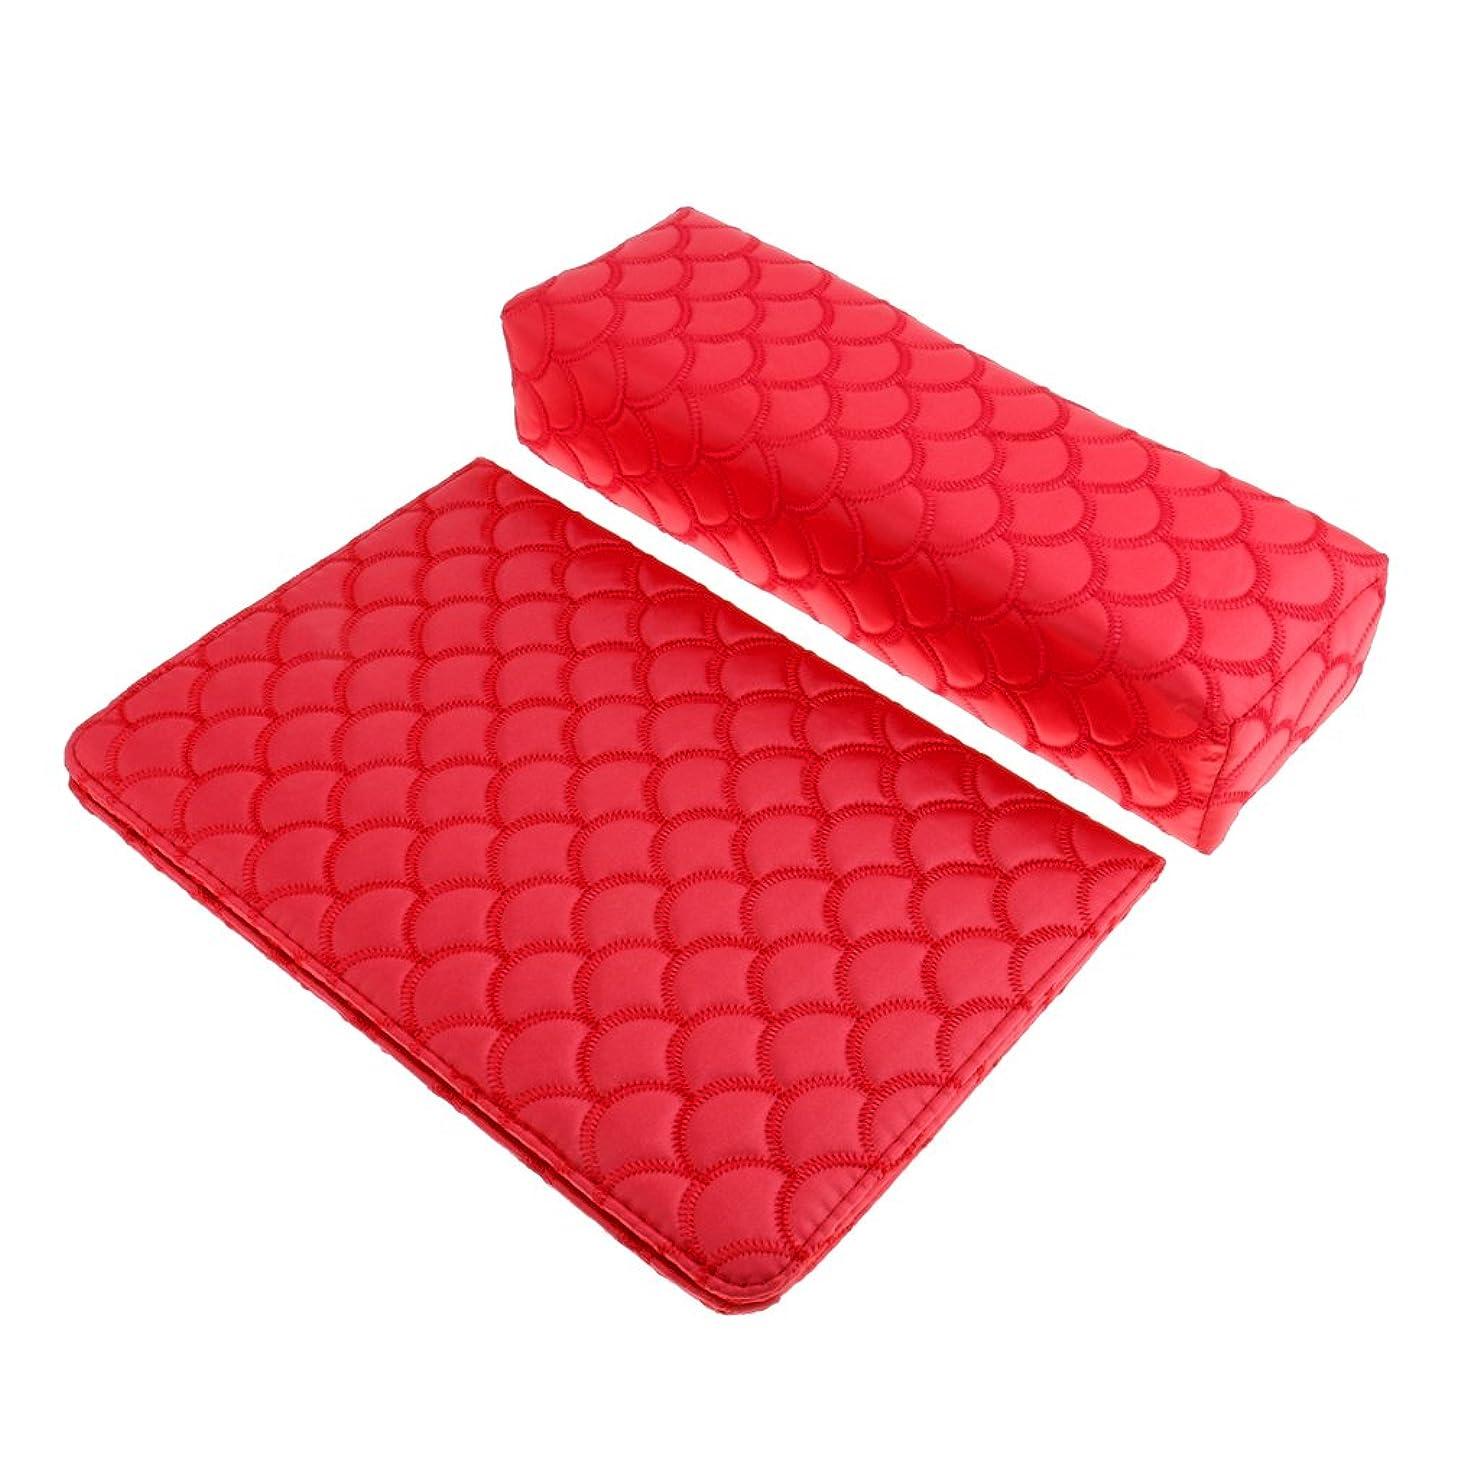 キャップどっち栄養Perfeclan ソフト ハンドクッション ネイルピロー パッド ネイルアート デザイン マニキュア アームレストホルダー 多色選べる - 赤